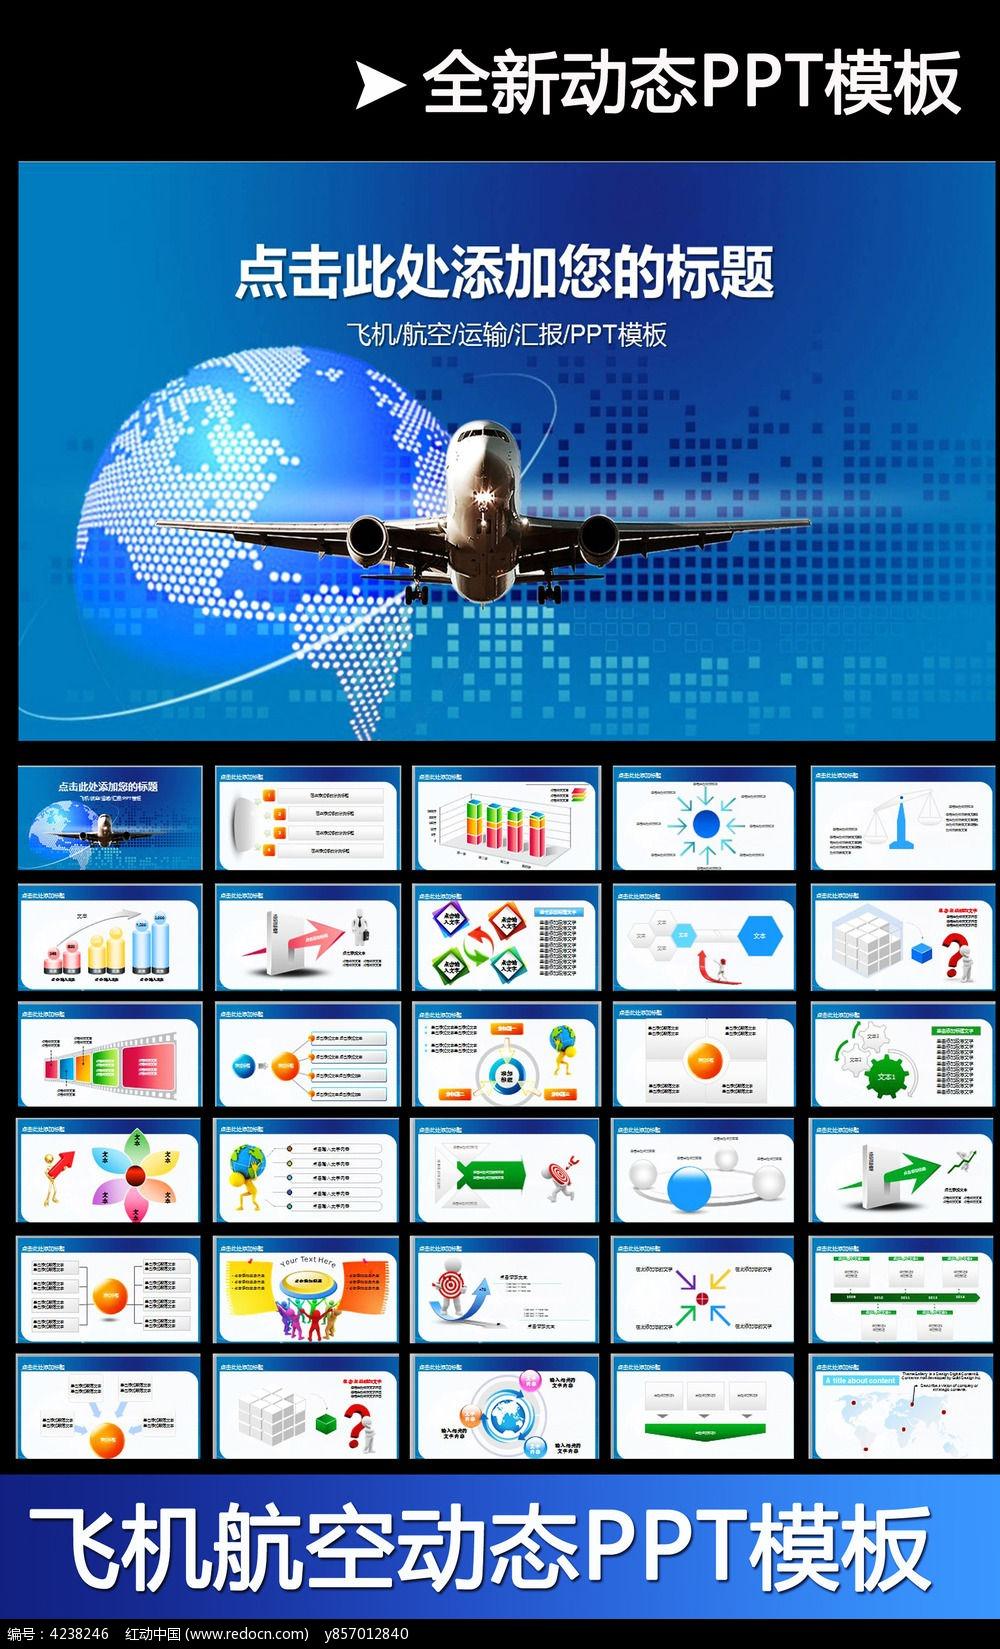 飞机领航商务公司简介推广动态ppt模板